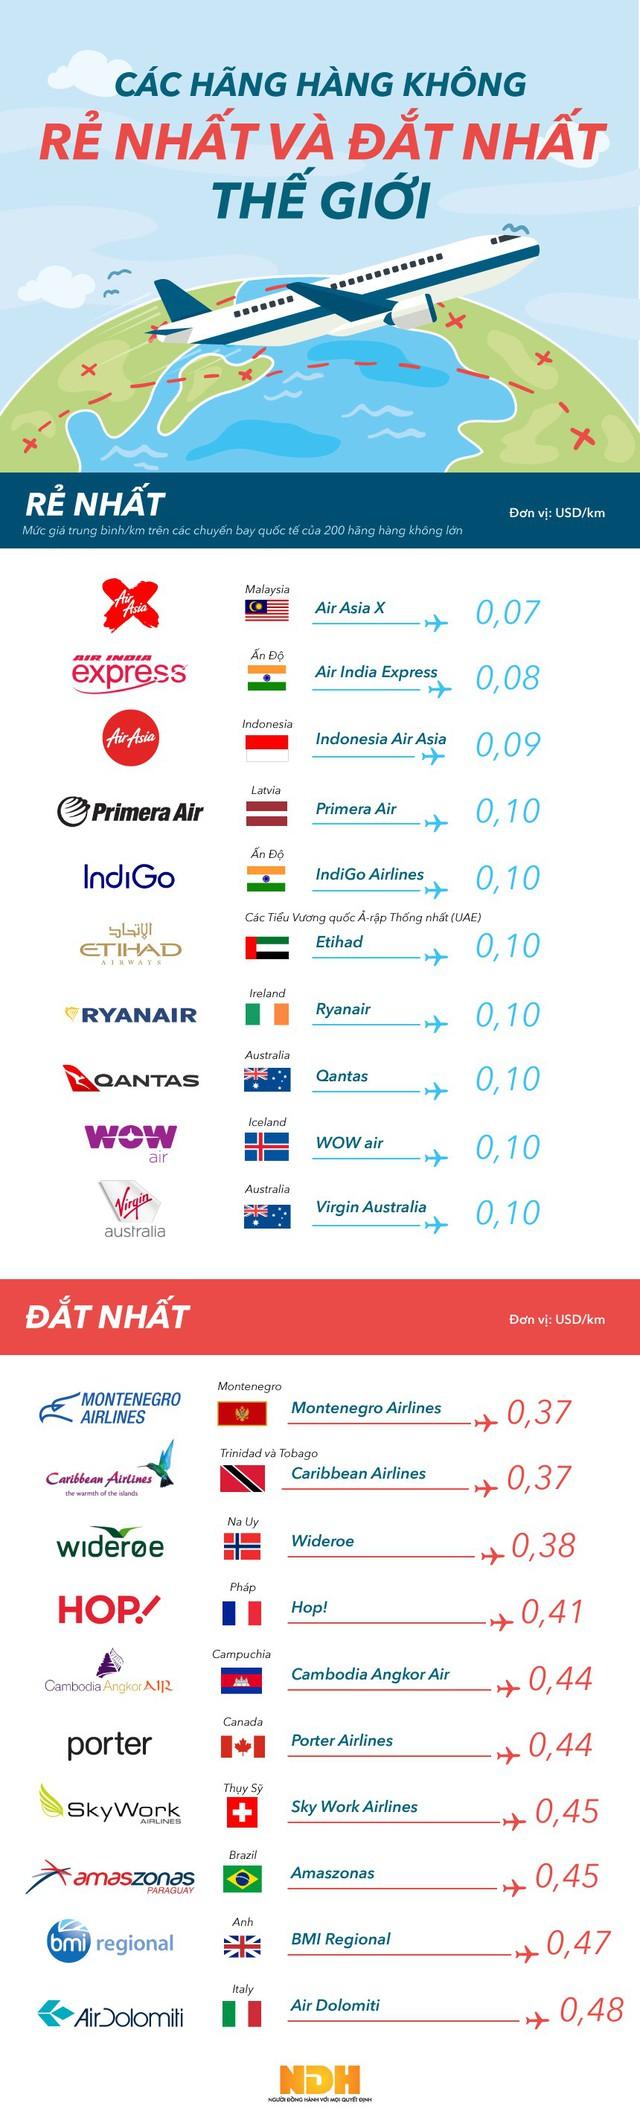 [Infographic] Các hãng hàng không rẻ và đắt nhất thế giới - Ảnh 1.